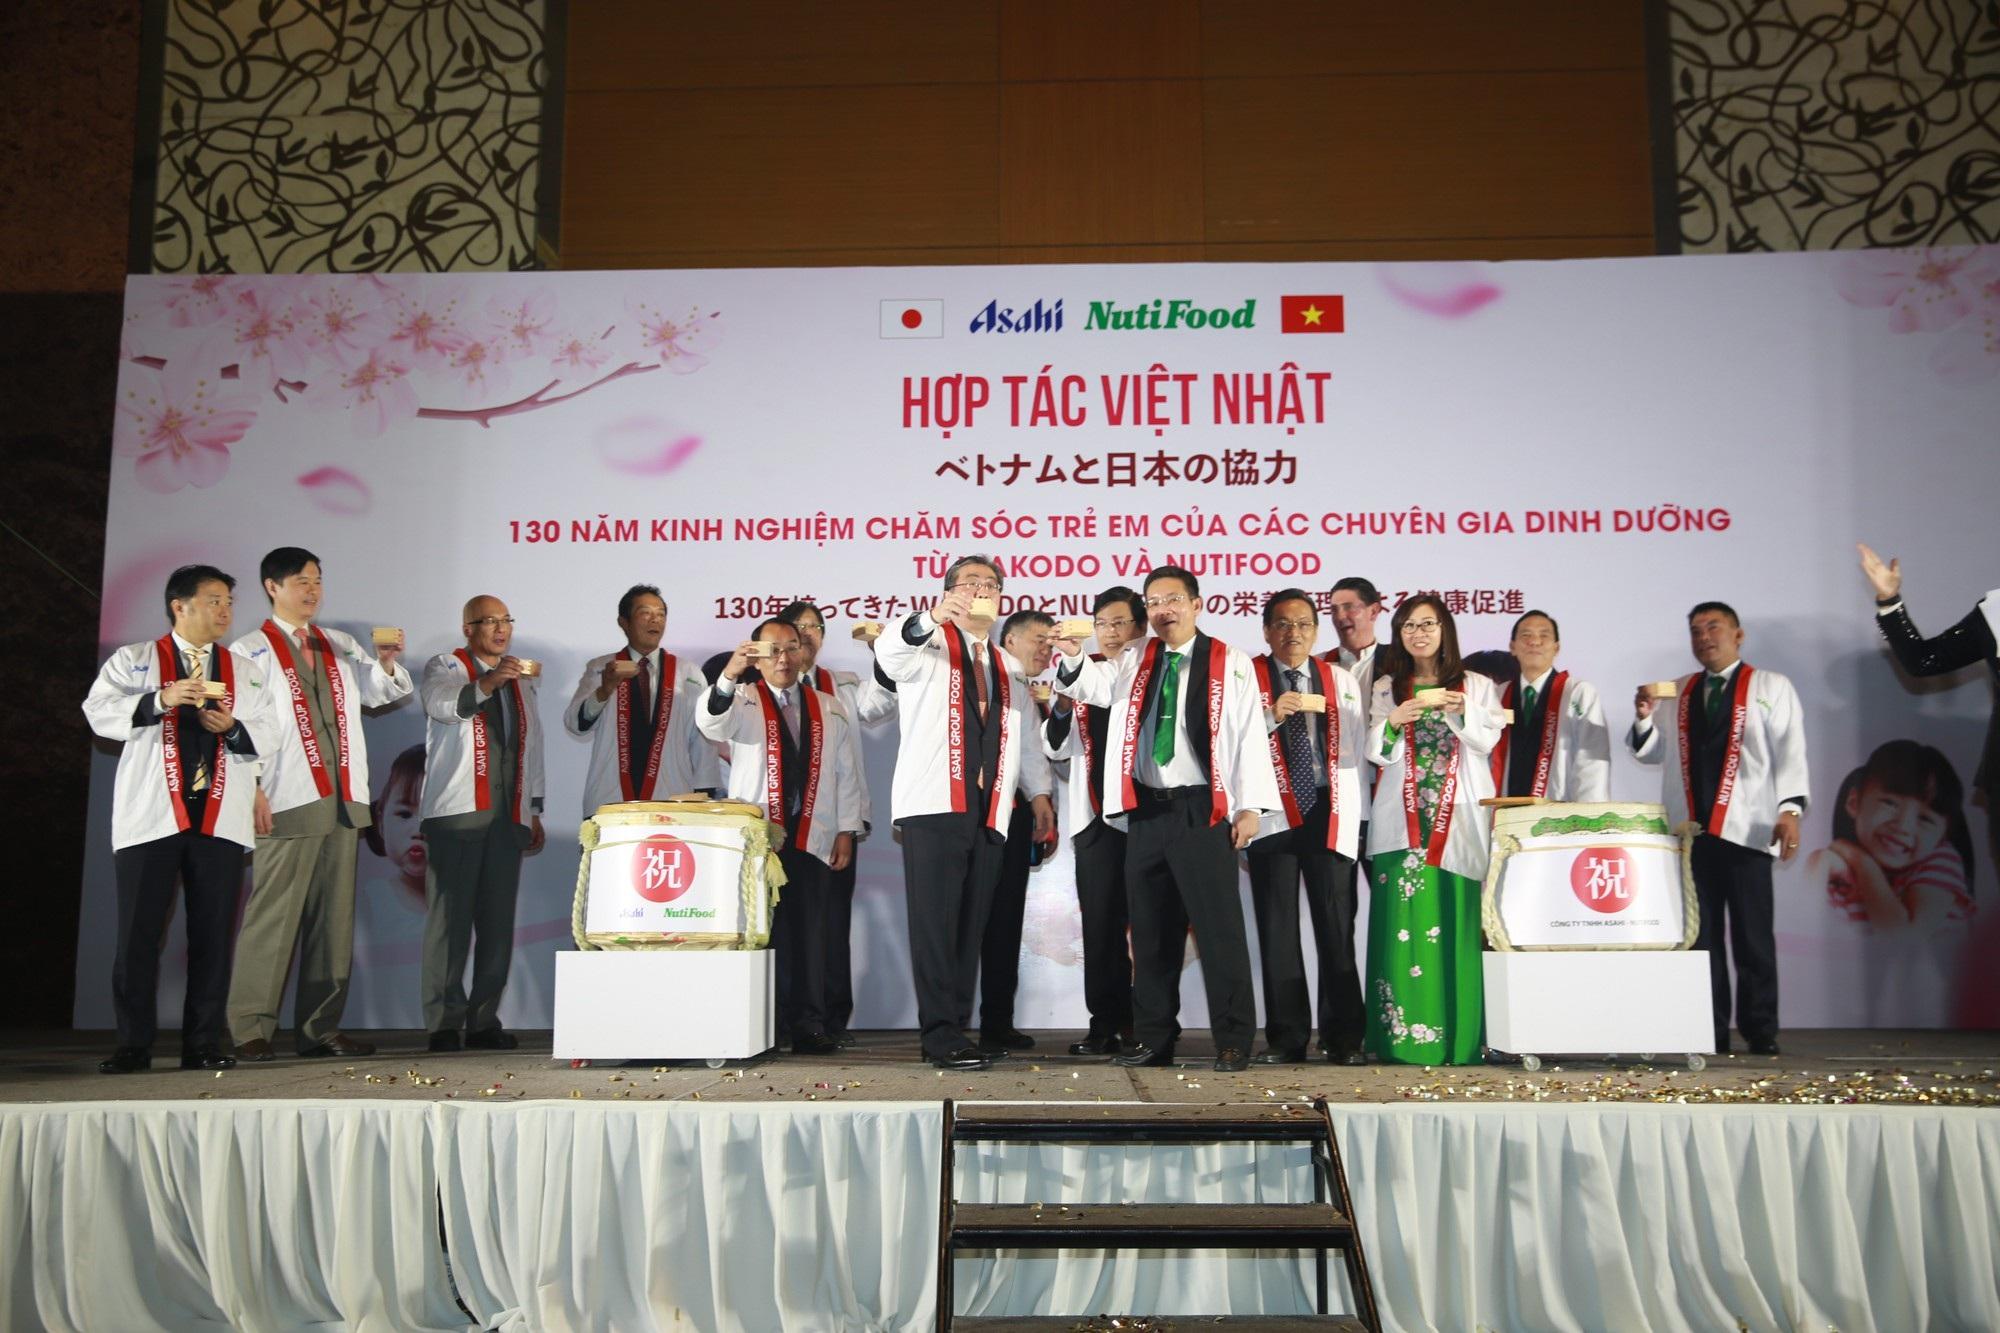 Trẻ em Việt Nam có cơ hội sử dụng sản phẩm dinh dưỡng hàng đầu Nhật Bản - Ảnh 4.